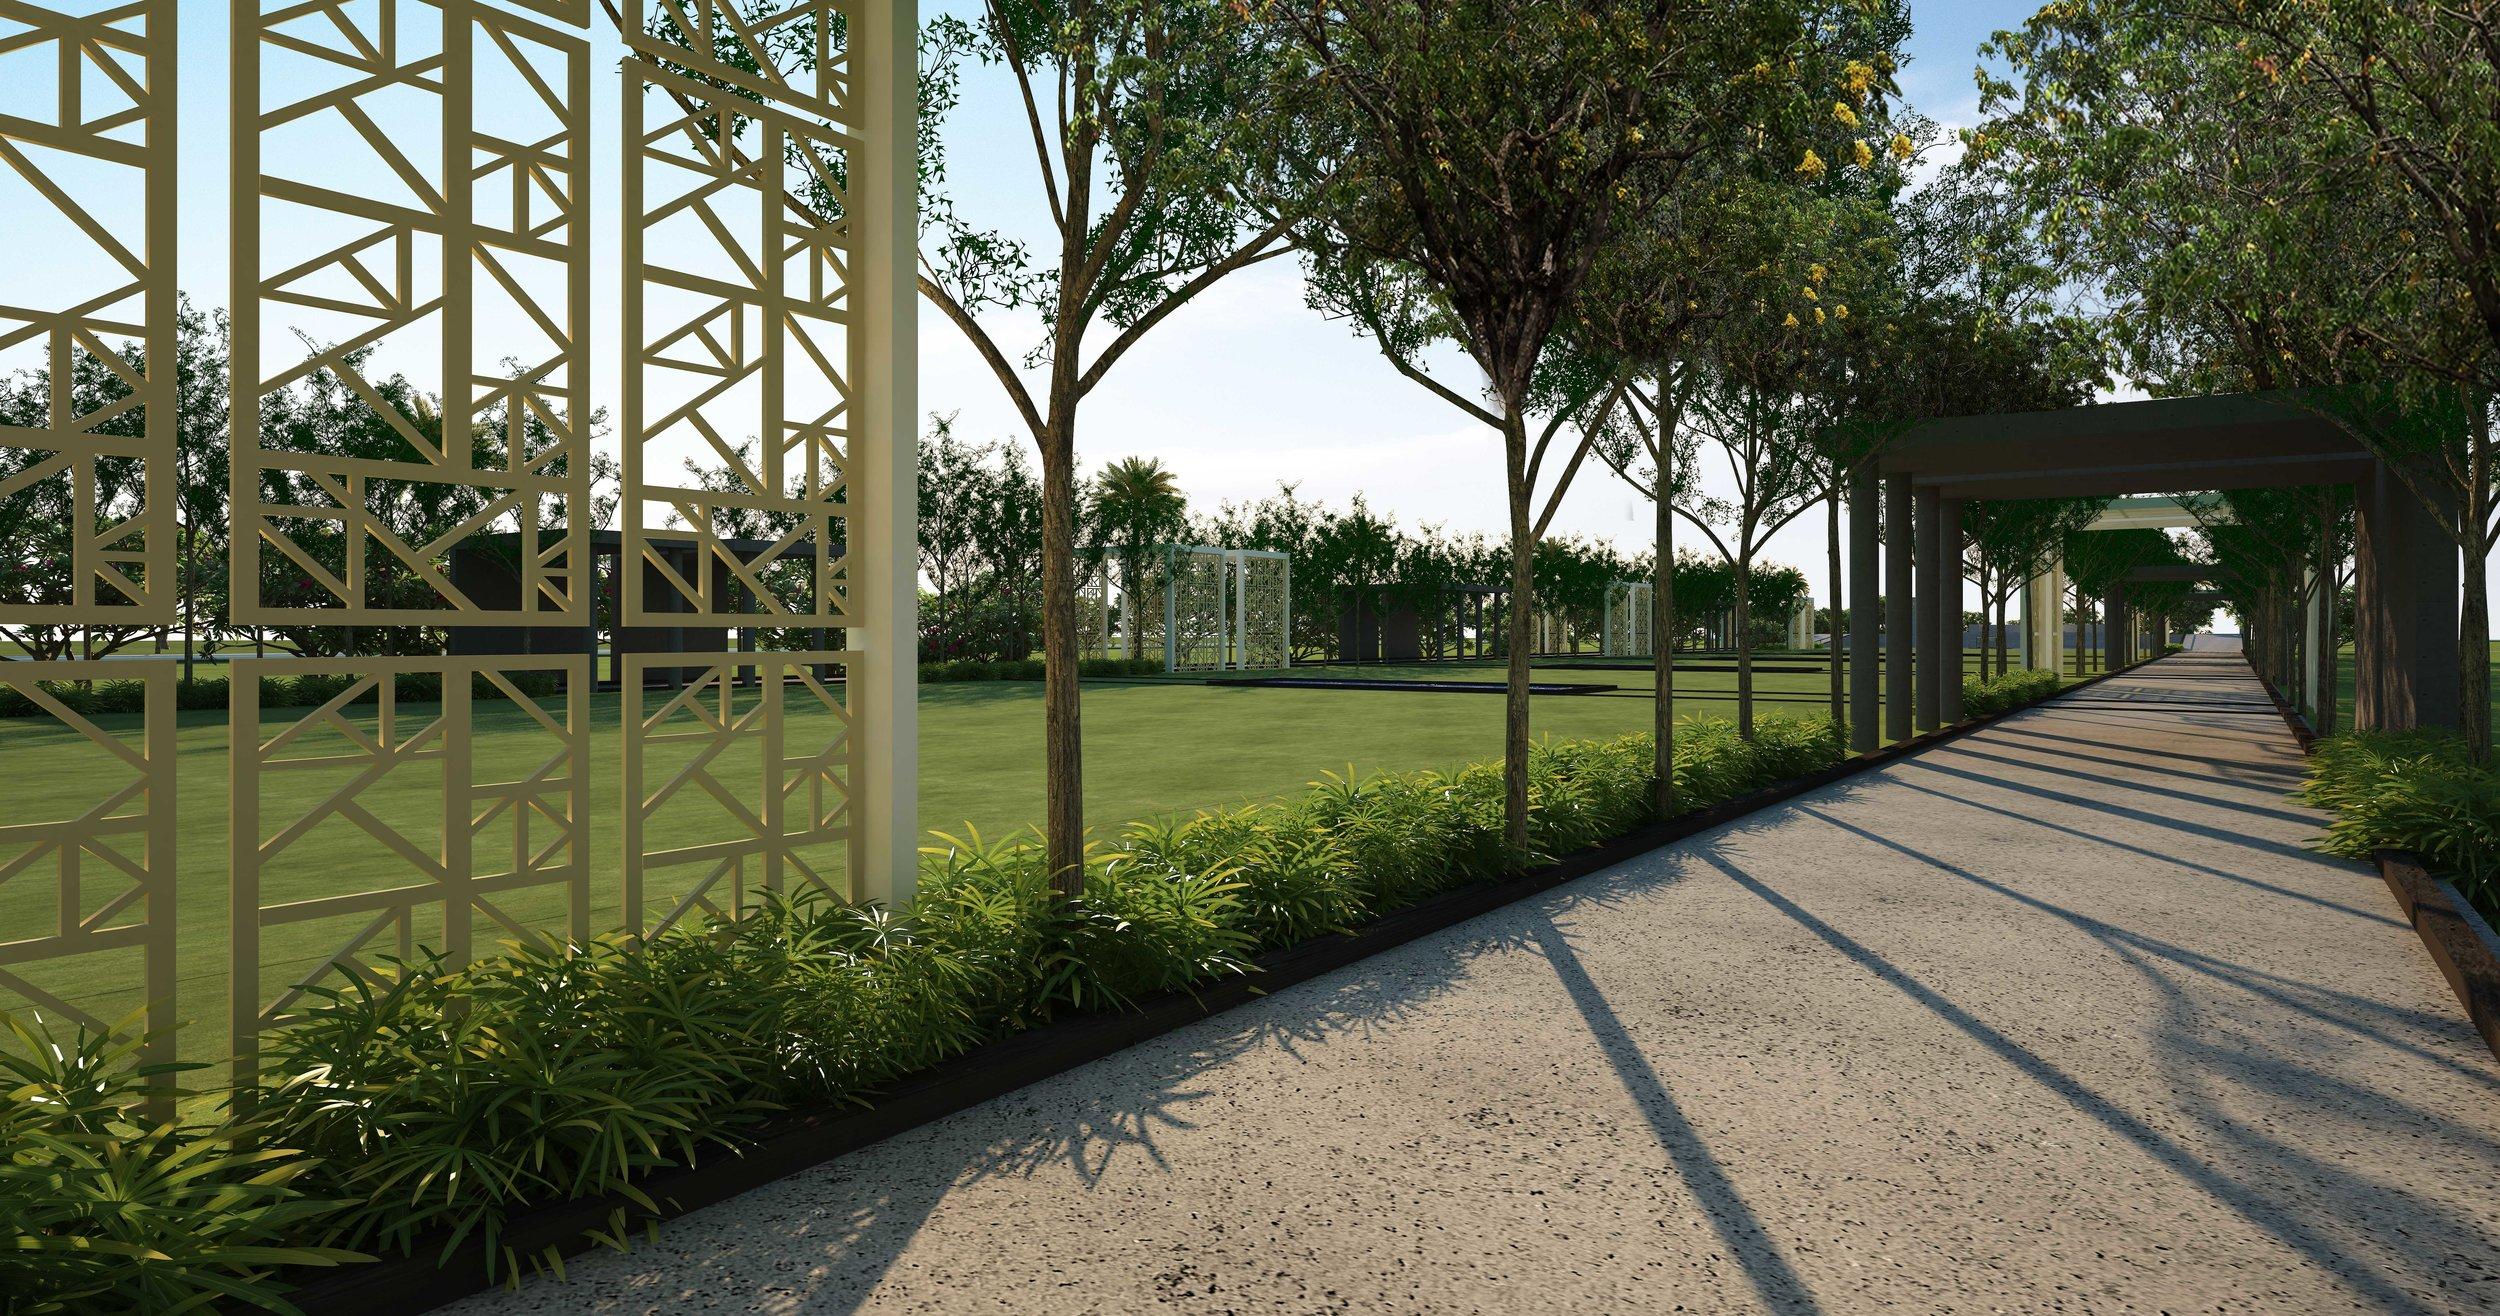 Ficus-landscape-bangalore-urban park-public-MH-06